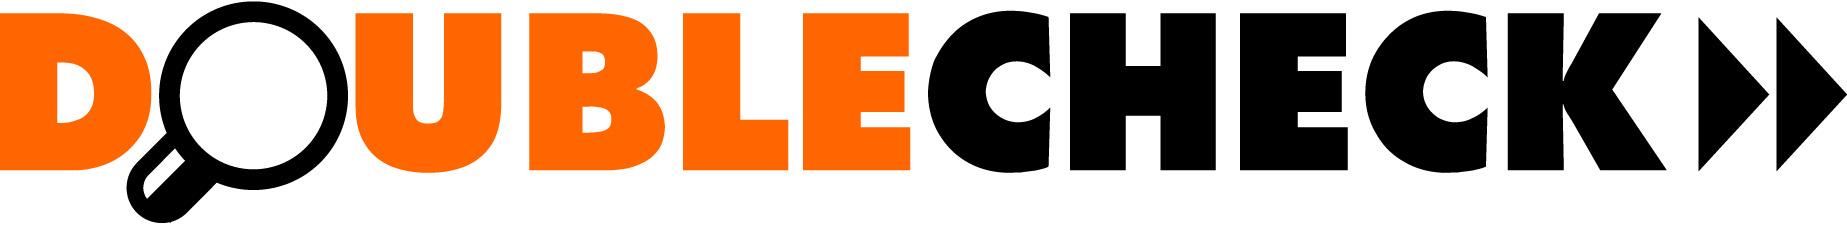 logo_doublecheck-1.jpg